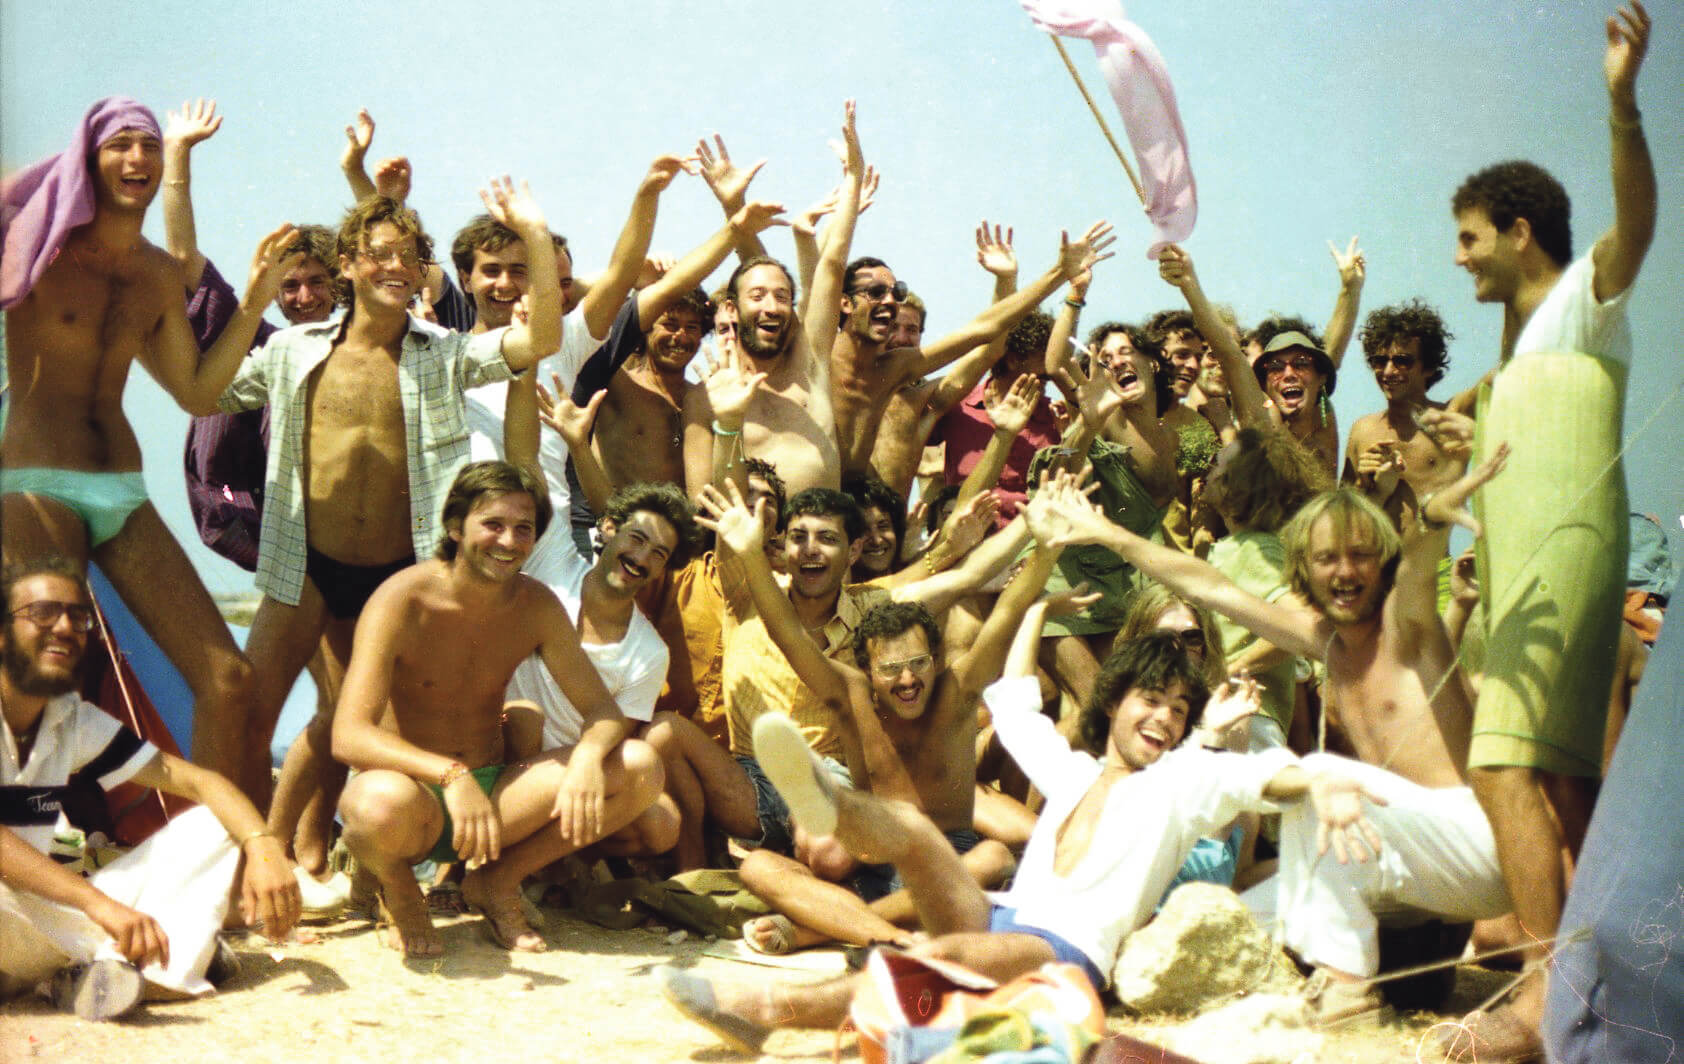 Una festosa immagine di gruppo del Greek Gay Camp. Foto di Giovanni Rodella